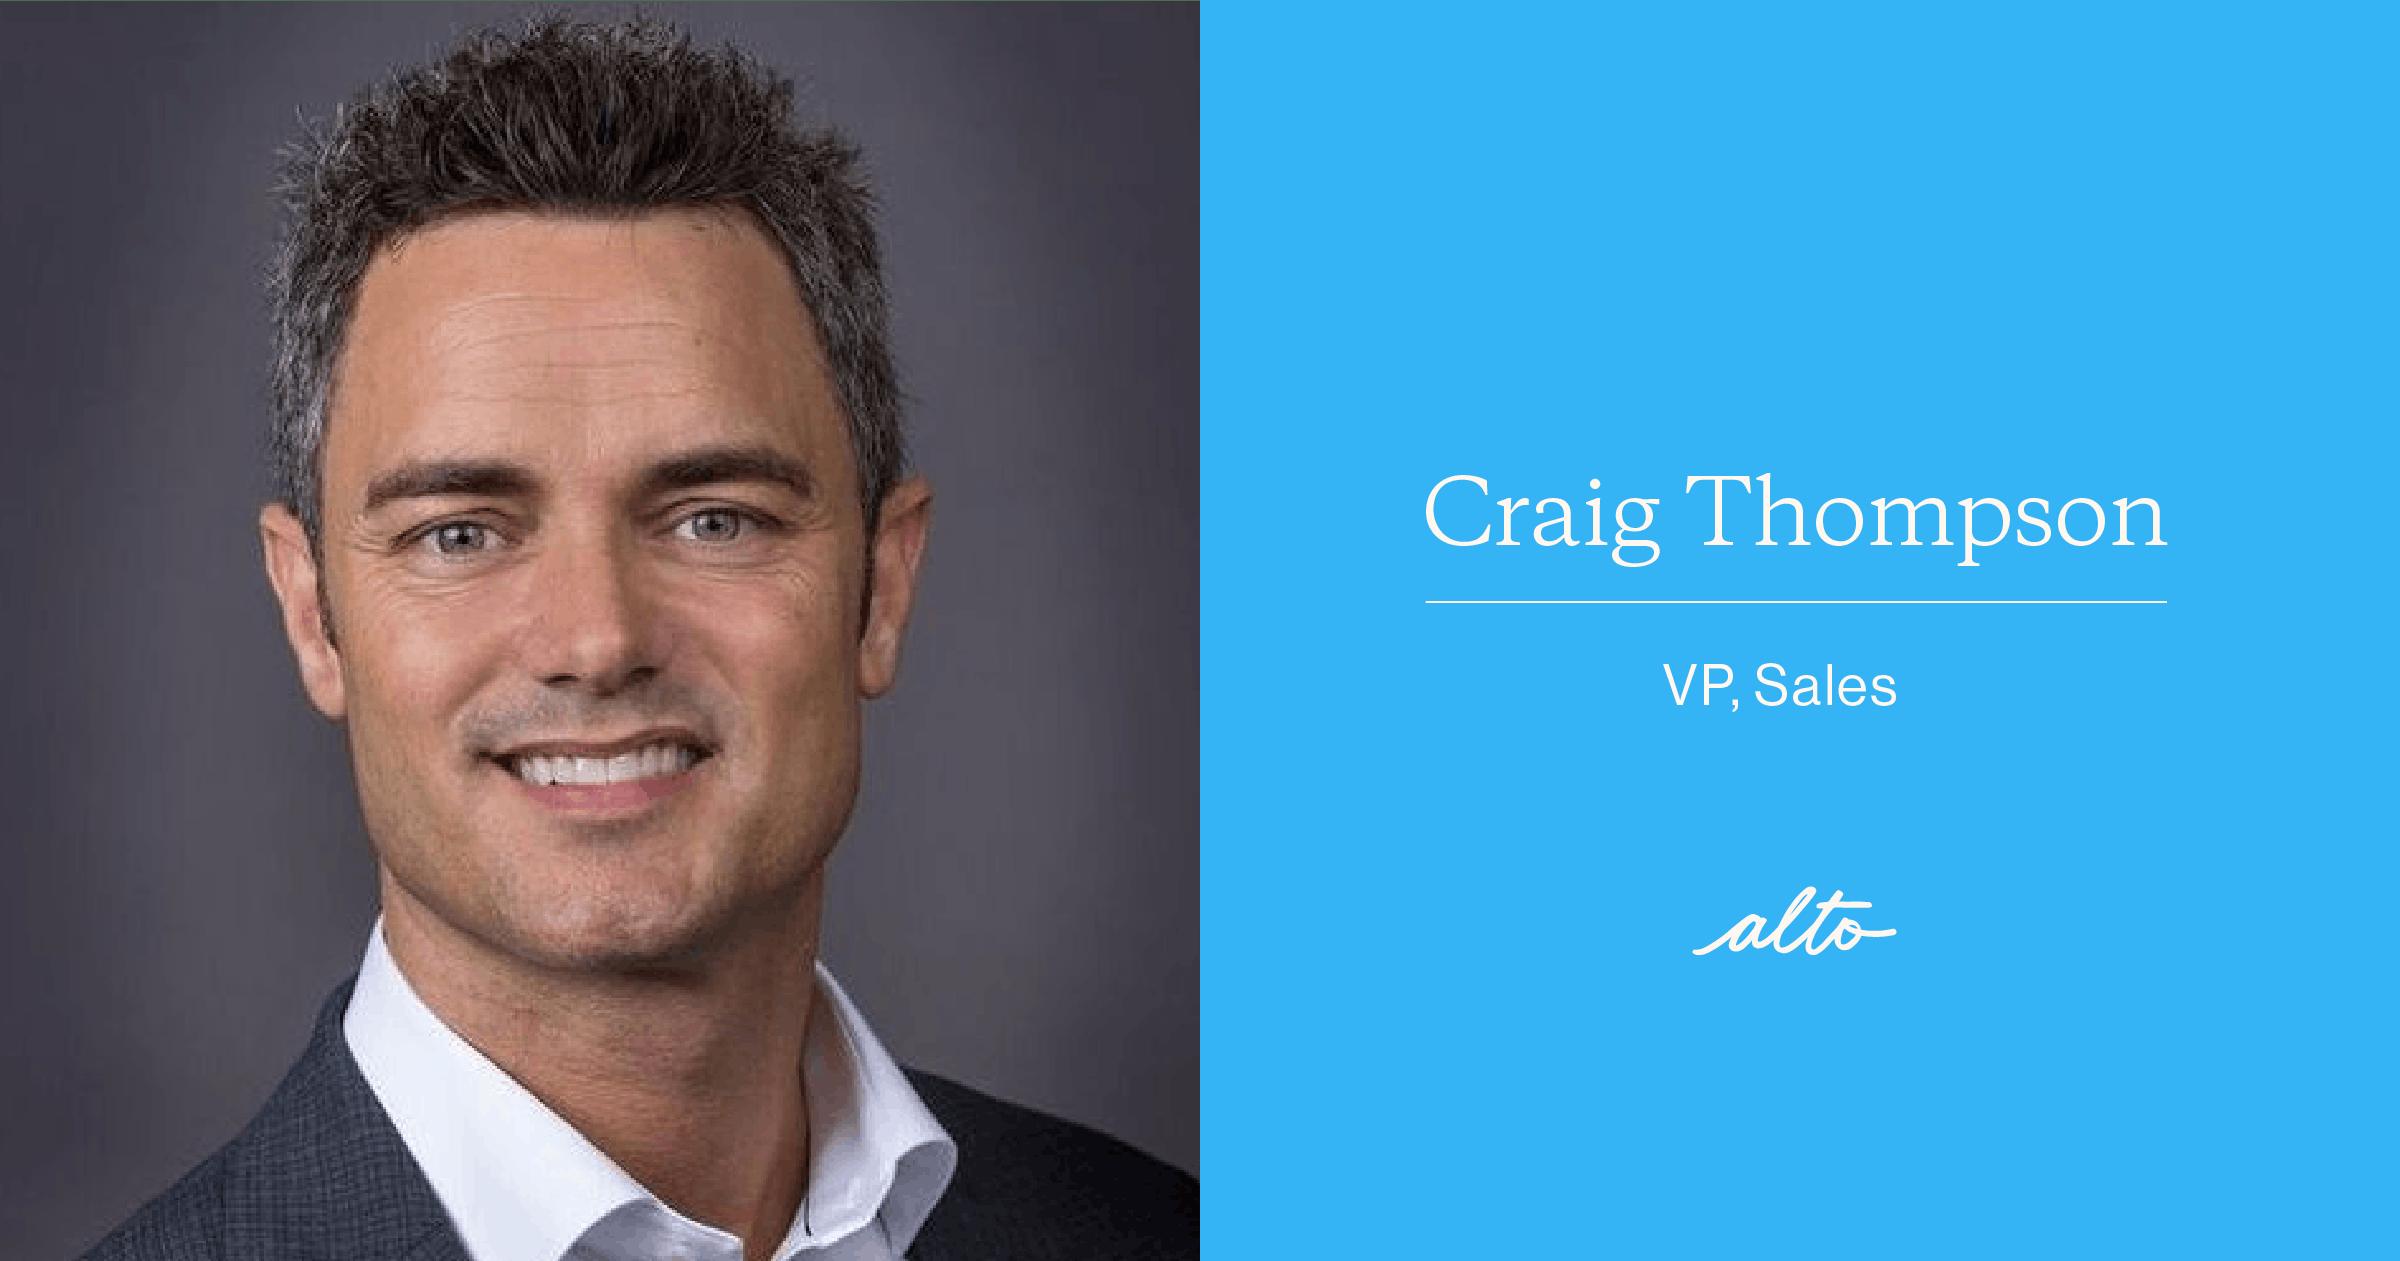 Craig Thompson, VP of Sales